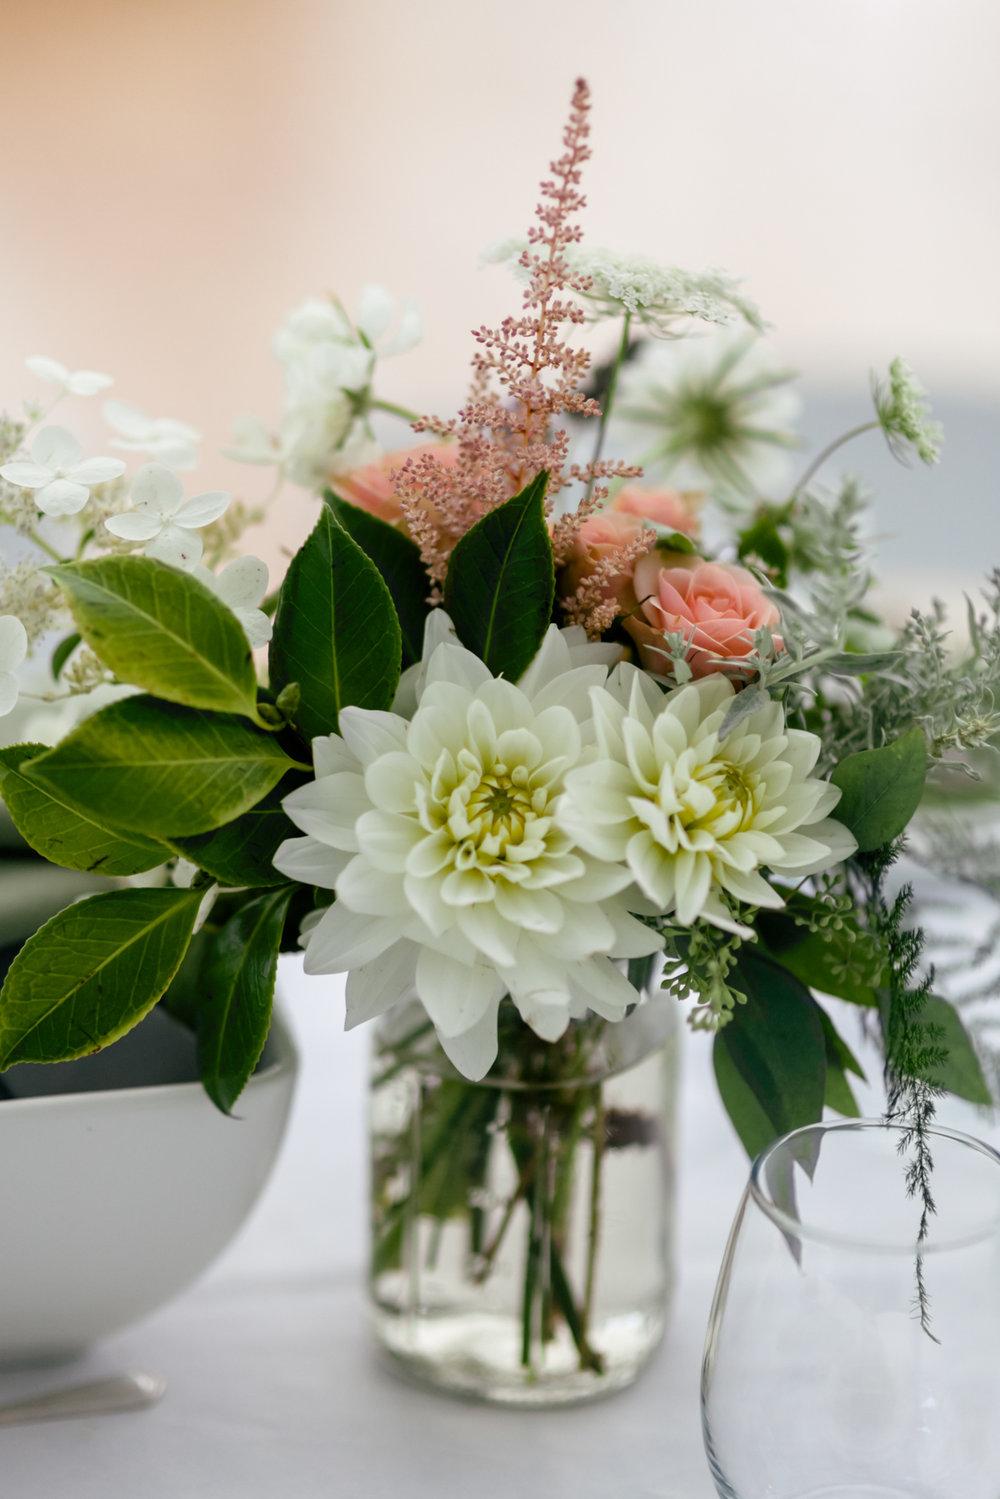 Hudson-valley-weddings-190.JPG